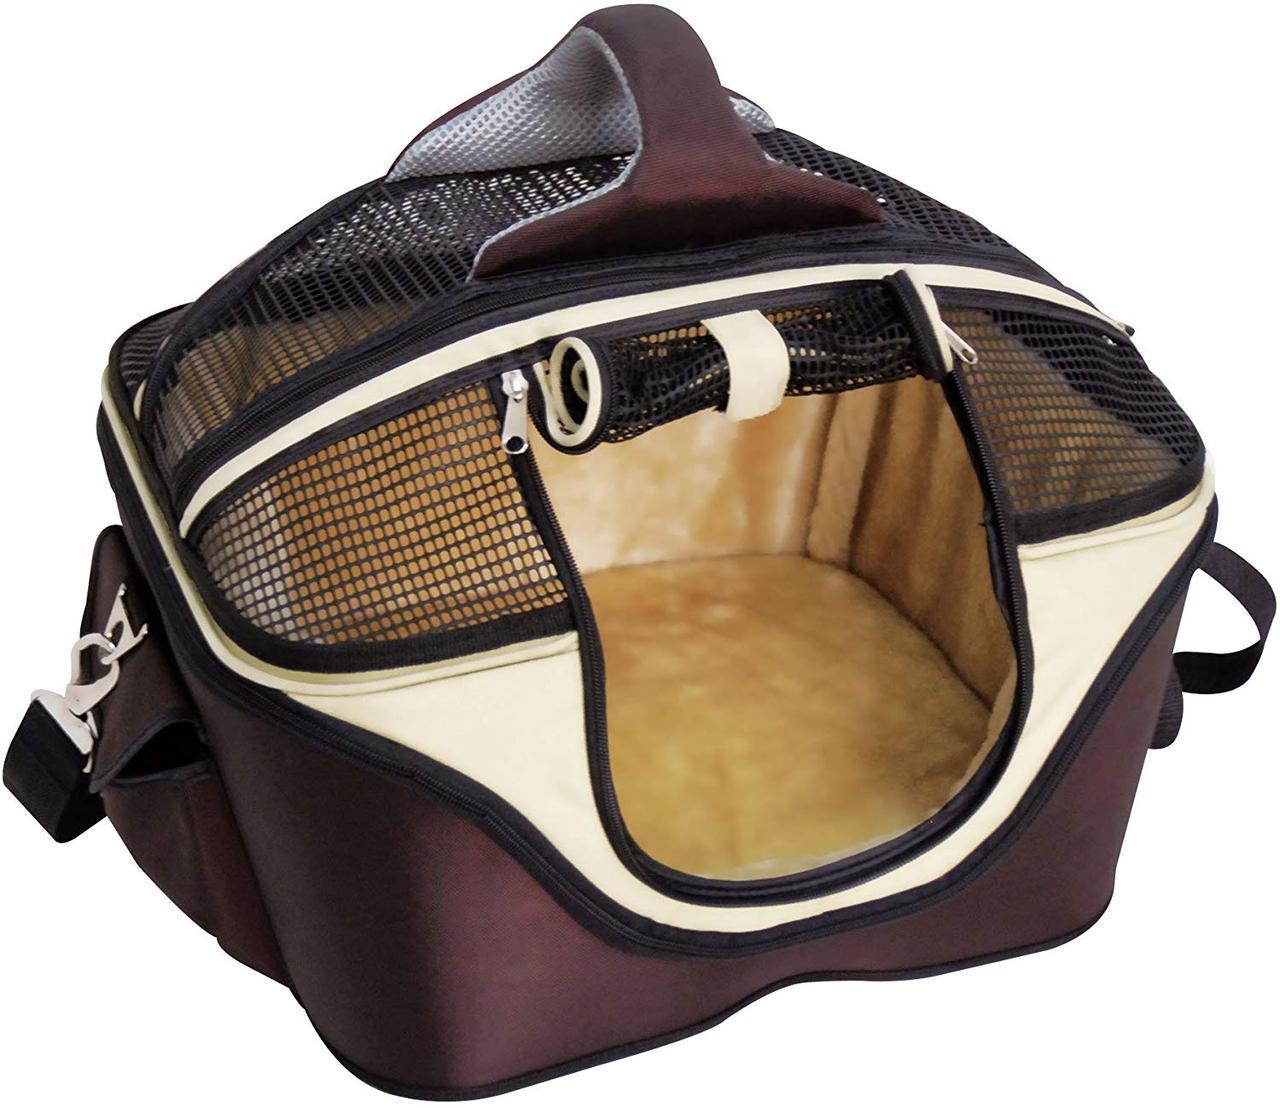 Сумка-лежак для собак и котов Fast&Easy,  удобно для выставок, корчневый/бежевый, 49х40х35см, до 12кг